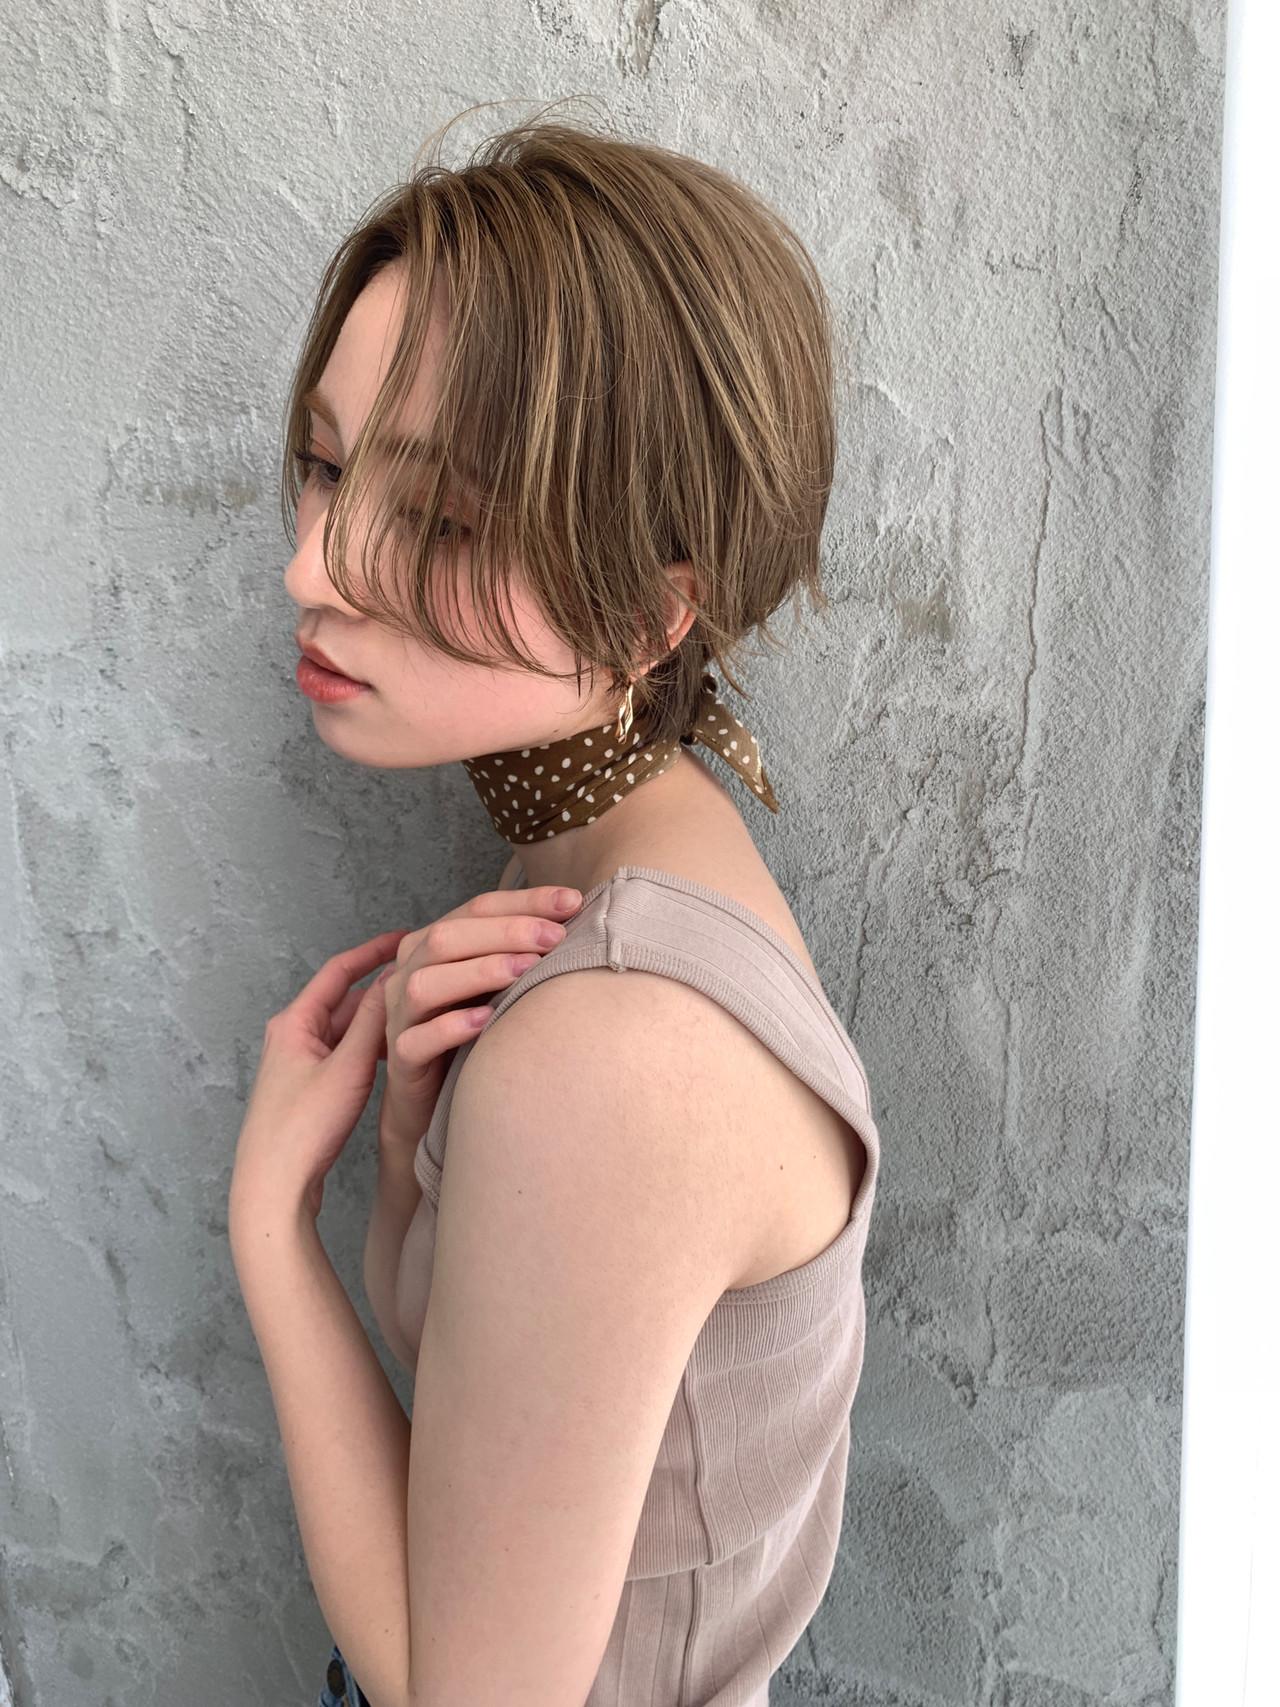 ハイトーン ショートヘア ベリーショート ショート ヘアスタイルや髪型の写真・画像